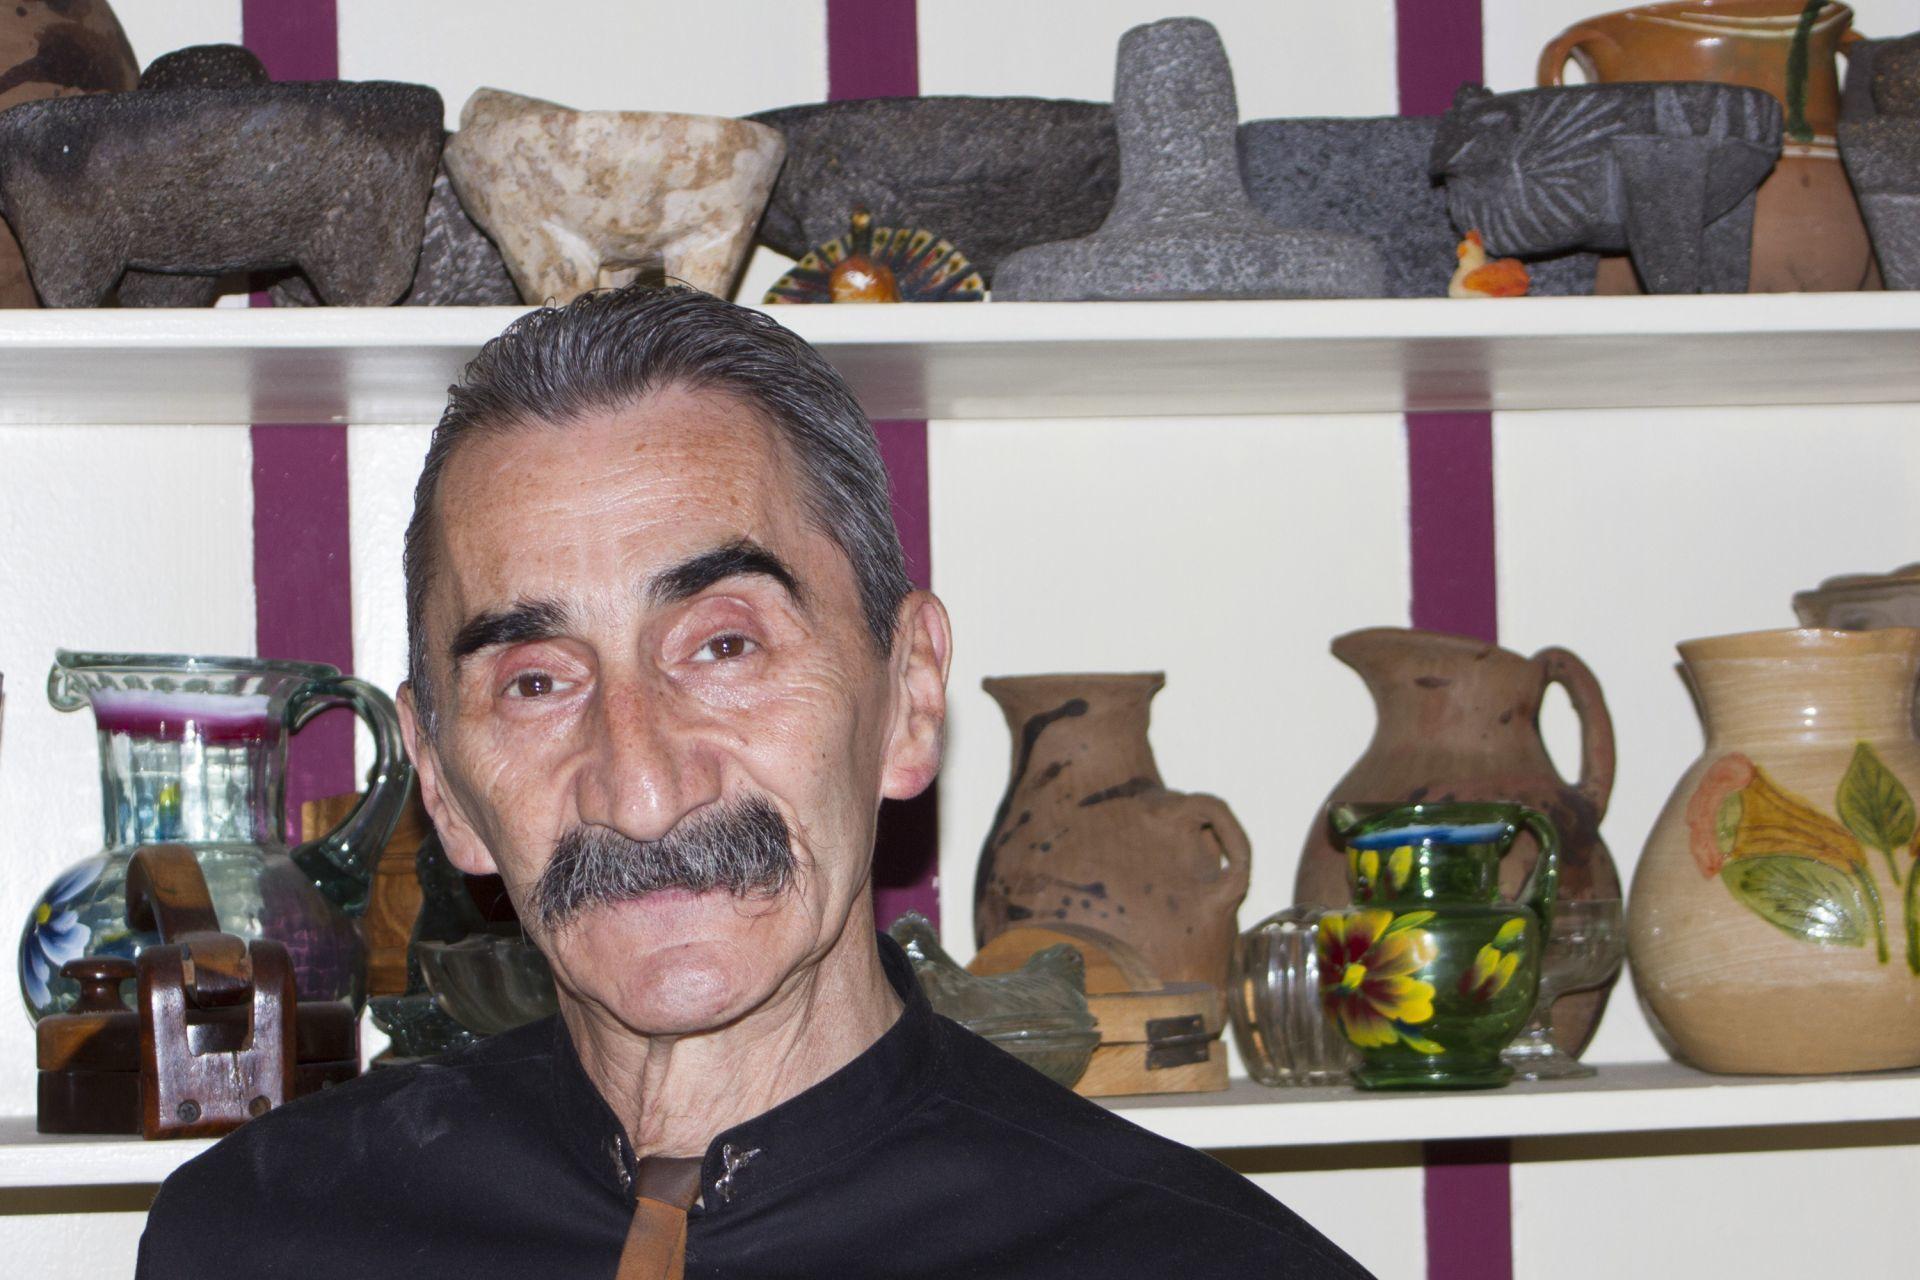 CIUDAD DE MÉXICO, 08DICIEMBRE2020.- El reconocido chef mexicano Yuri de Gortari falleció a los 69 años, así lo informó la Escuela de Gastronomía Mexicana (Esgamex), institución especializada en cocina tradicional mexicana fundada y dirigida por el propio Yuri y Edmundo Escamilla (+).